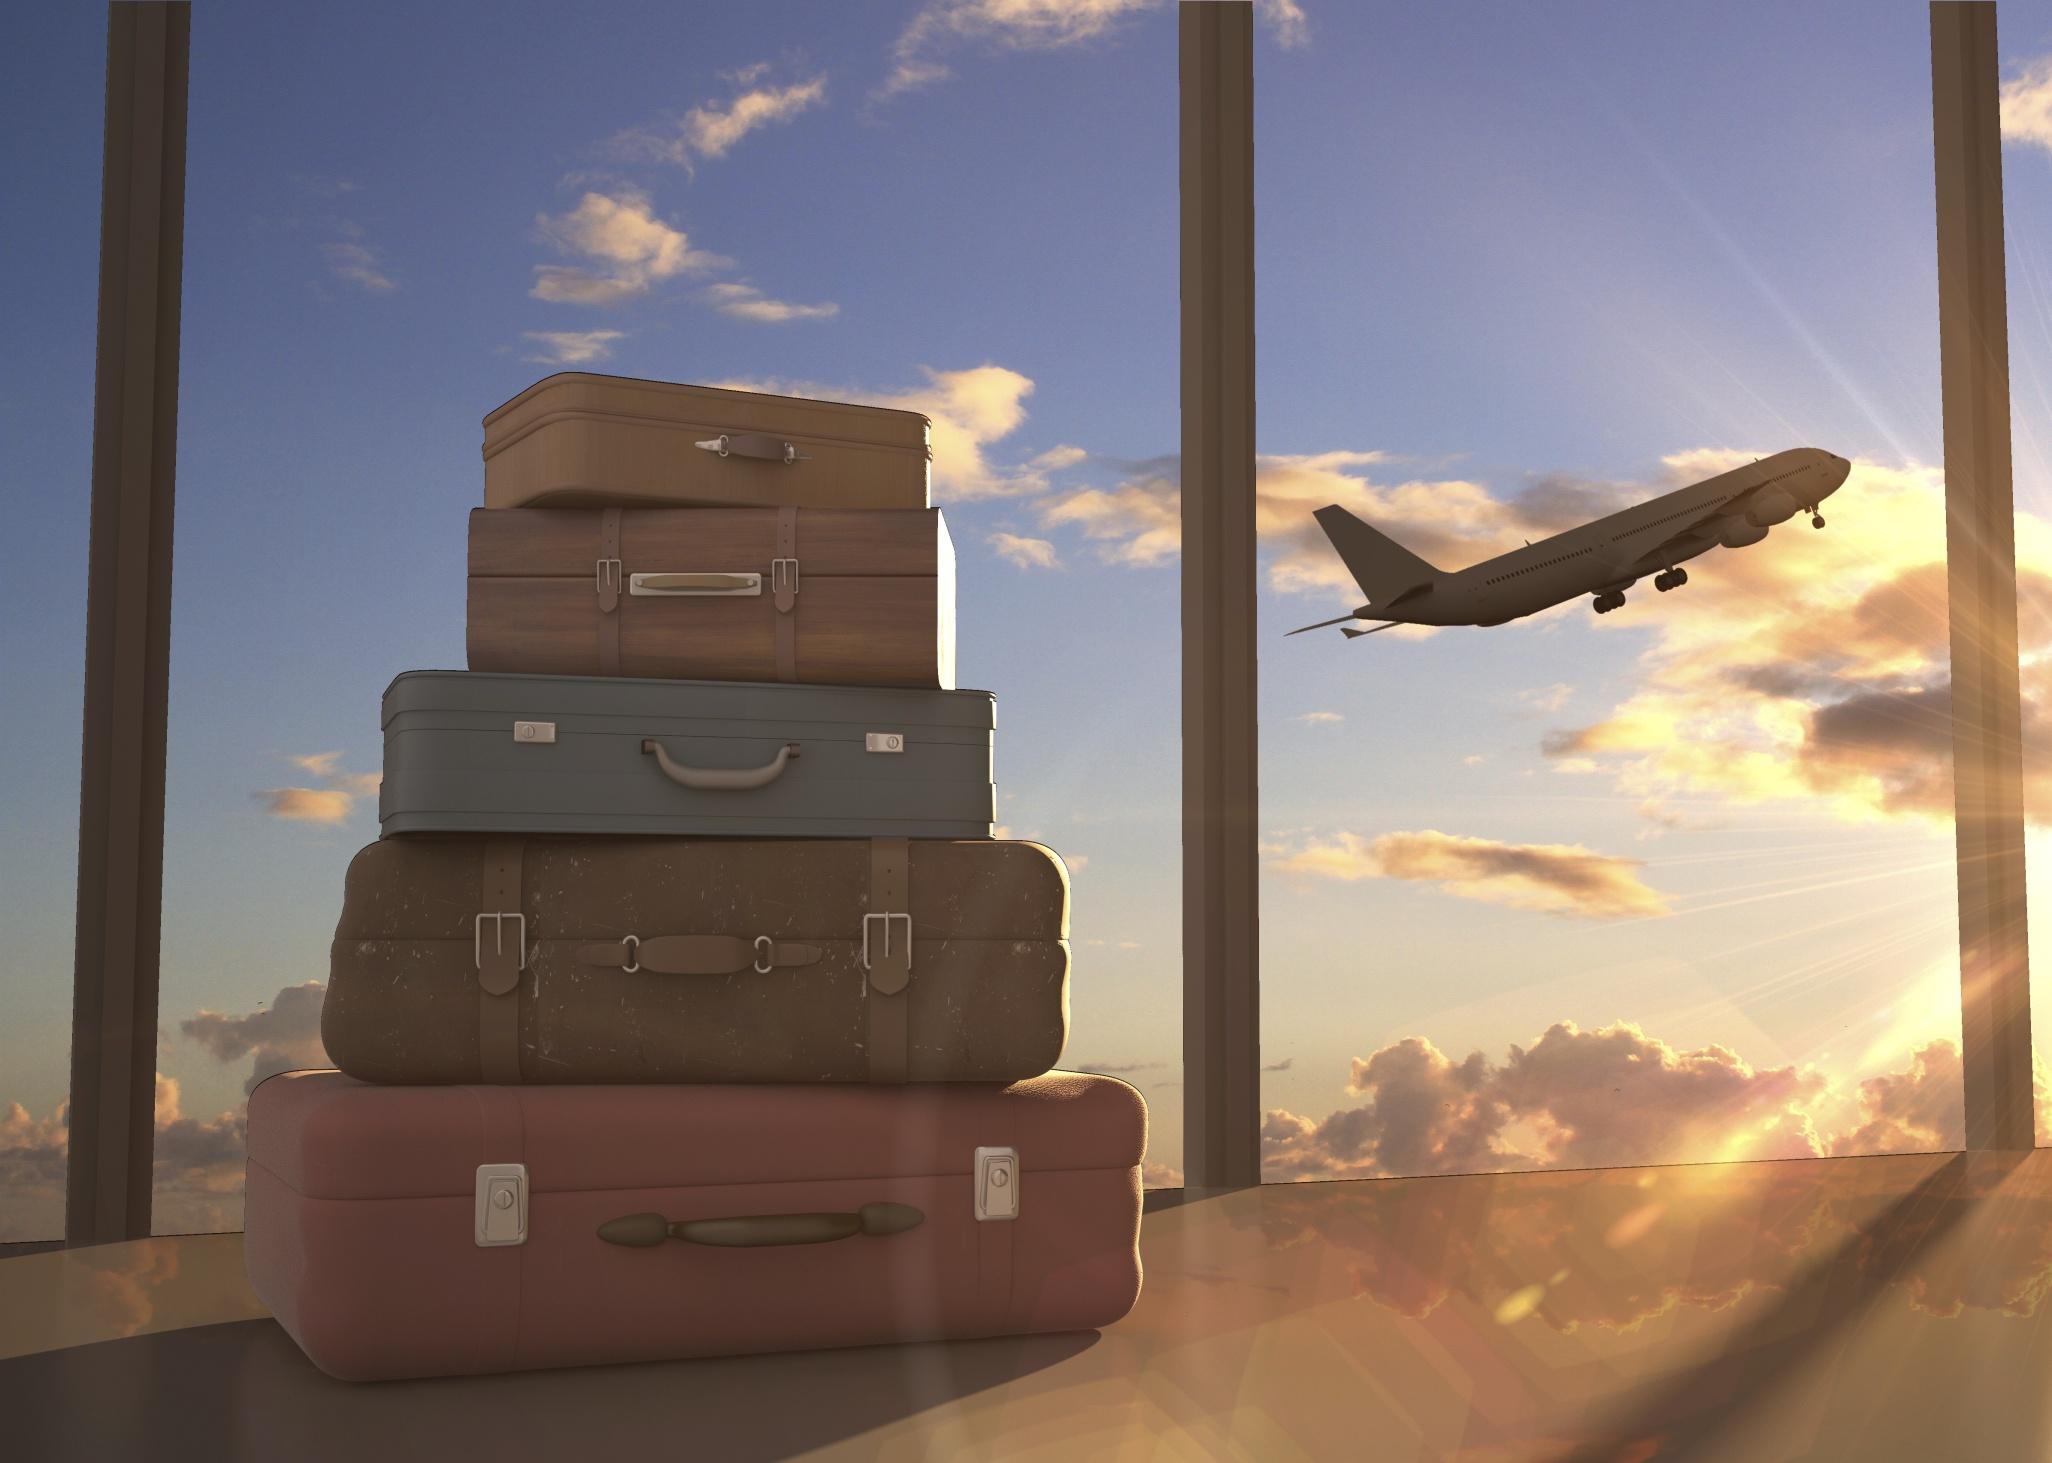 packing_tips.jpg